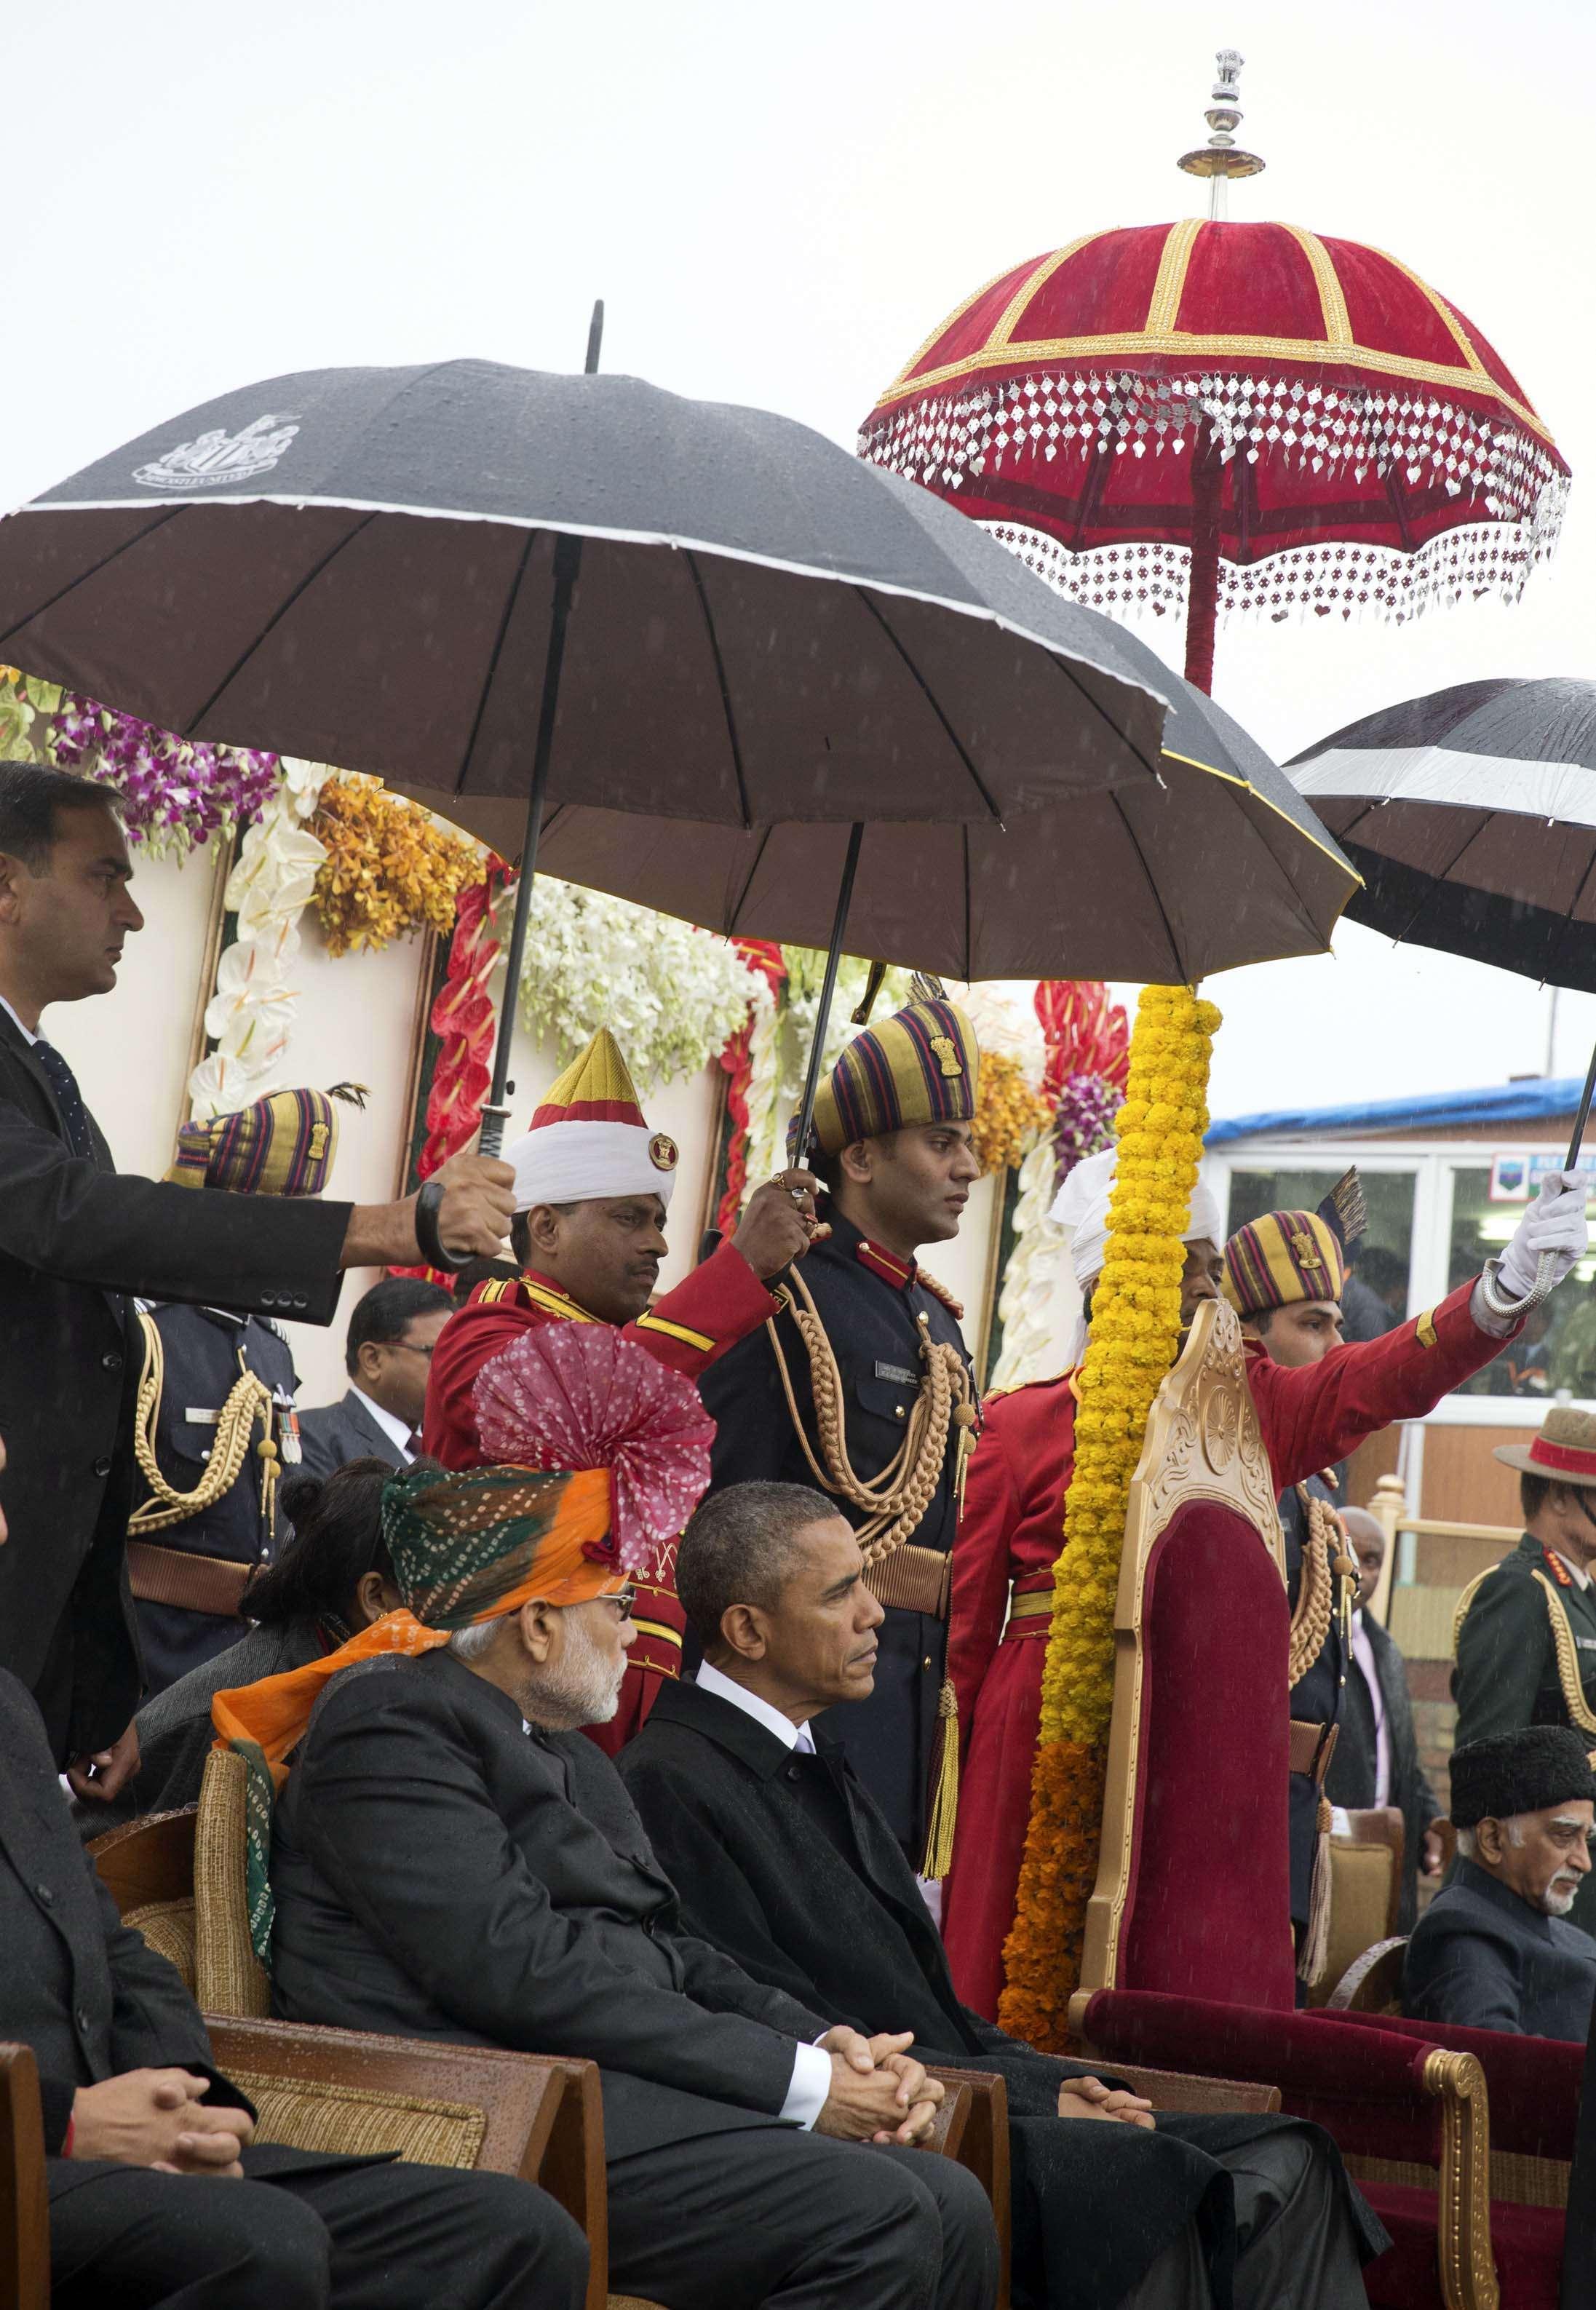 El presidente de Estados Unidos, Barack Obama (derecha), sentado junto al primer ministro indio, Narendra Modi (izquierda), en un momento del desfile del Día de la República de India en Nueva Deli, el 26 de enero de 2015. Foto: AP en español